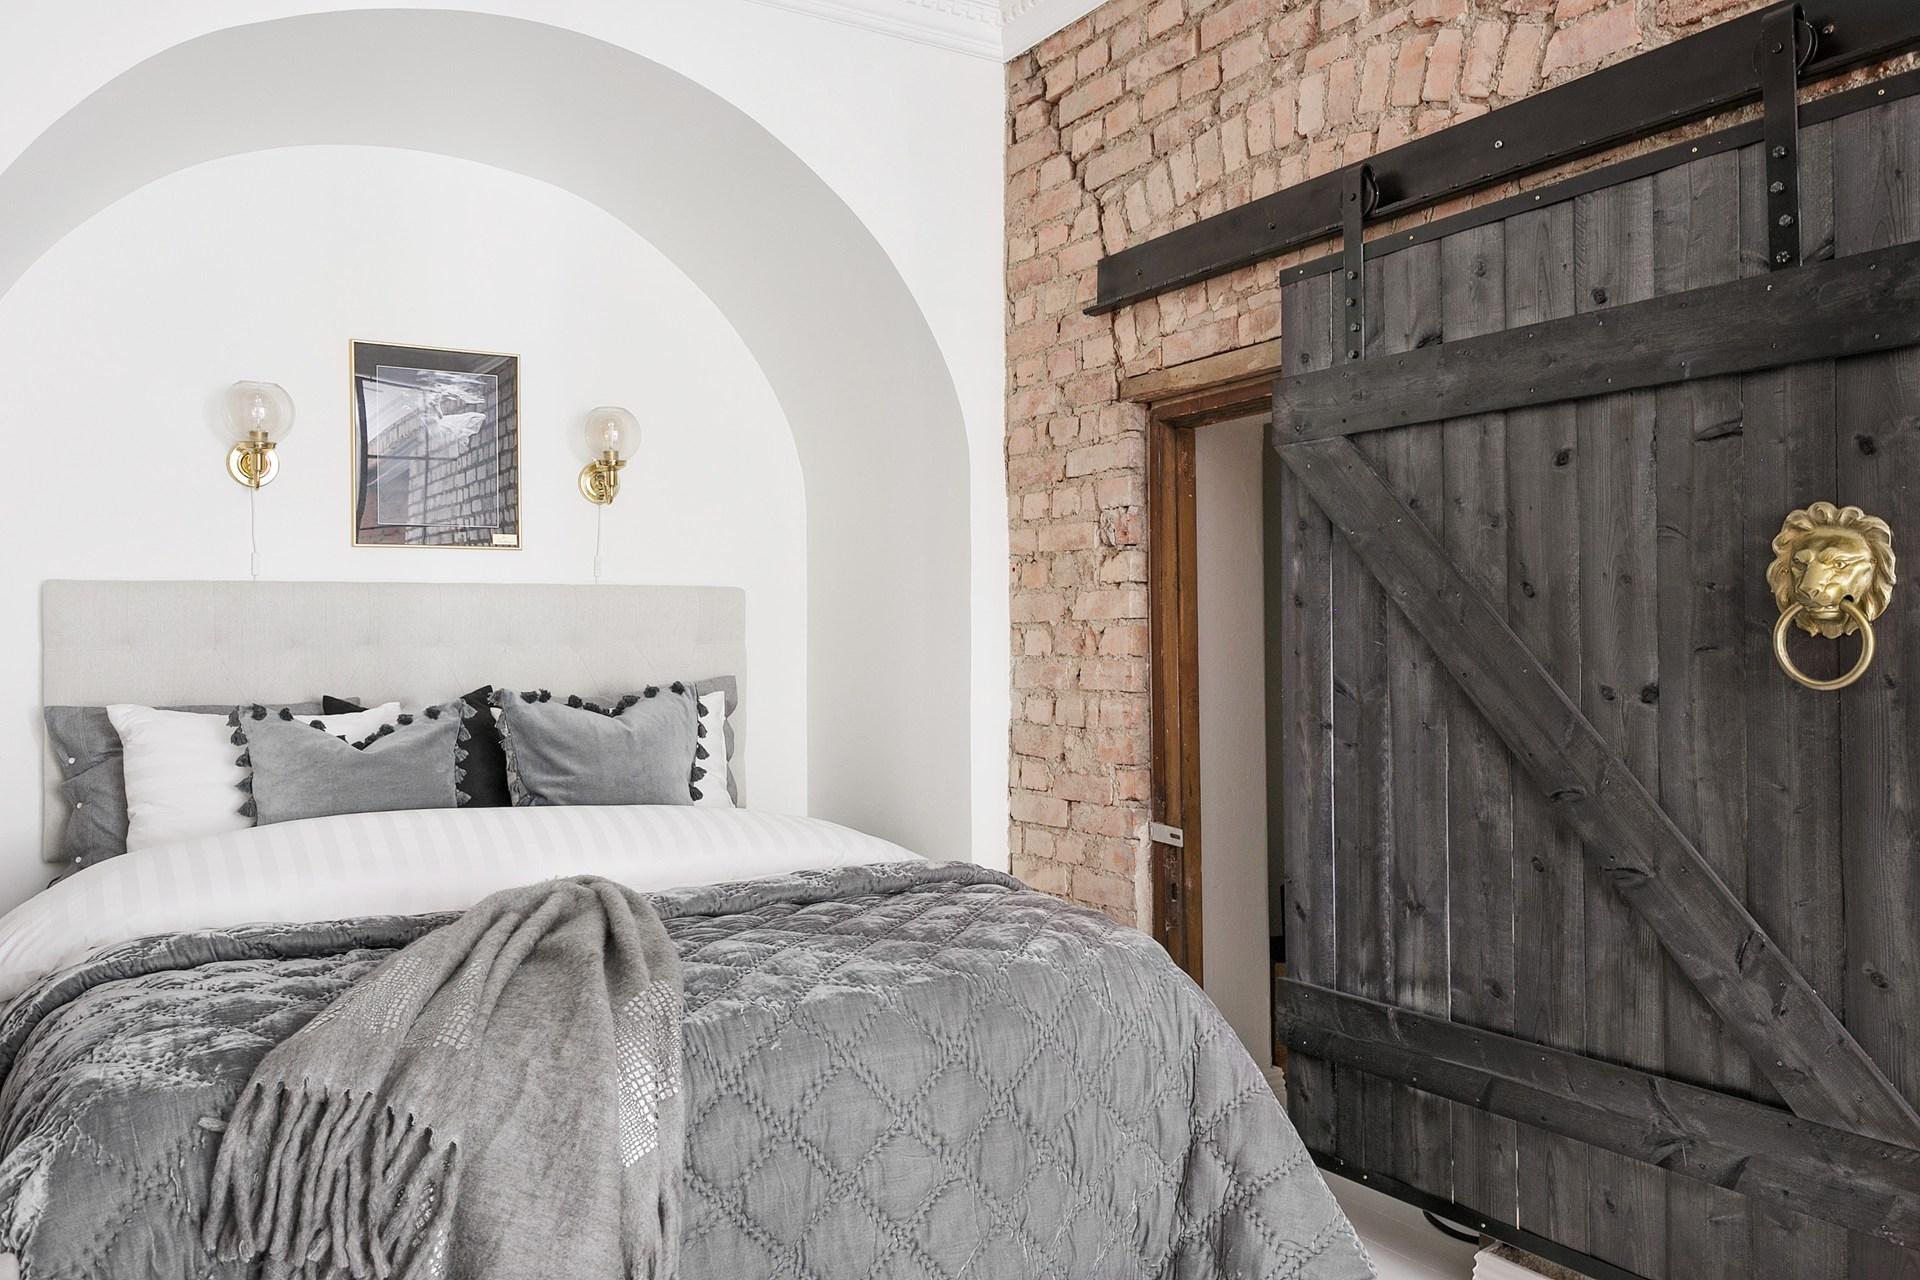 кровать ниша дверь купе